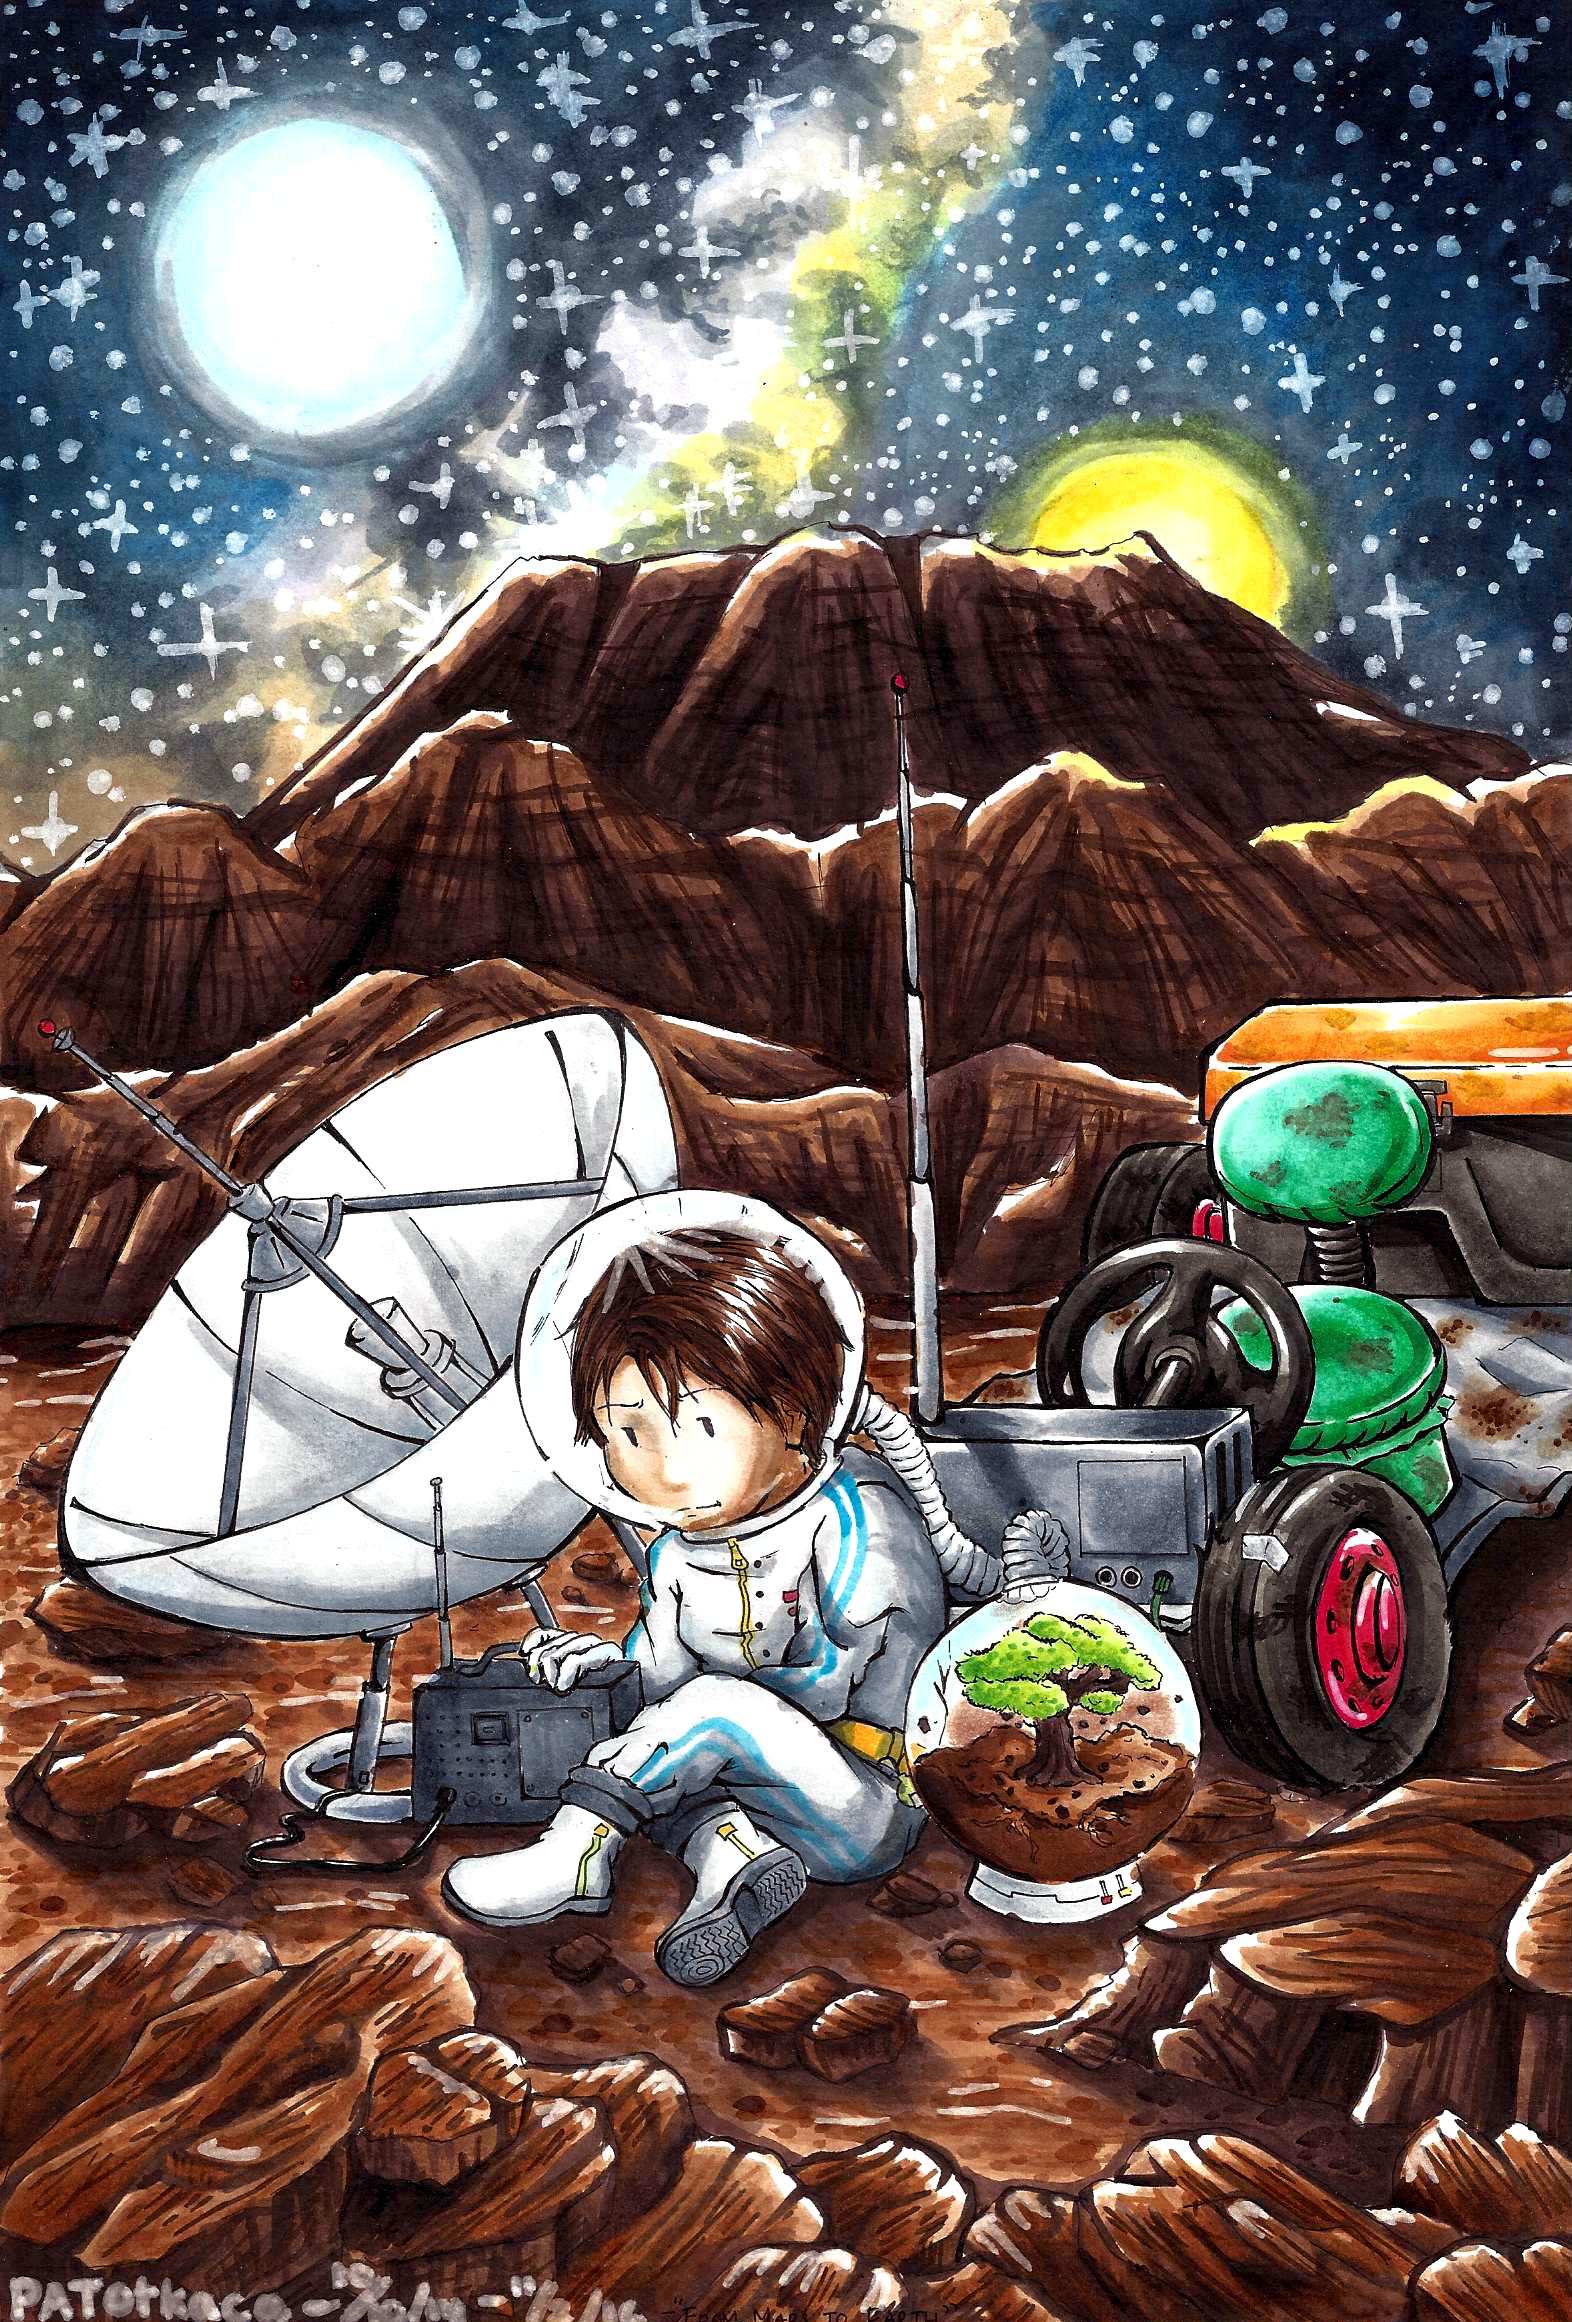 Christina Patricia - Martian Planet Option #1